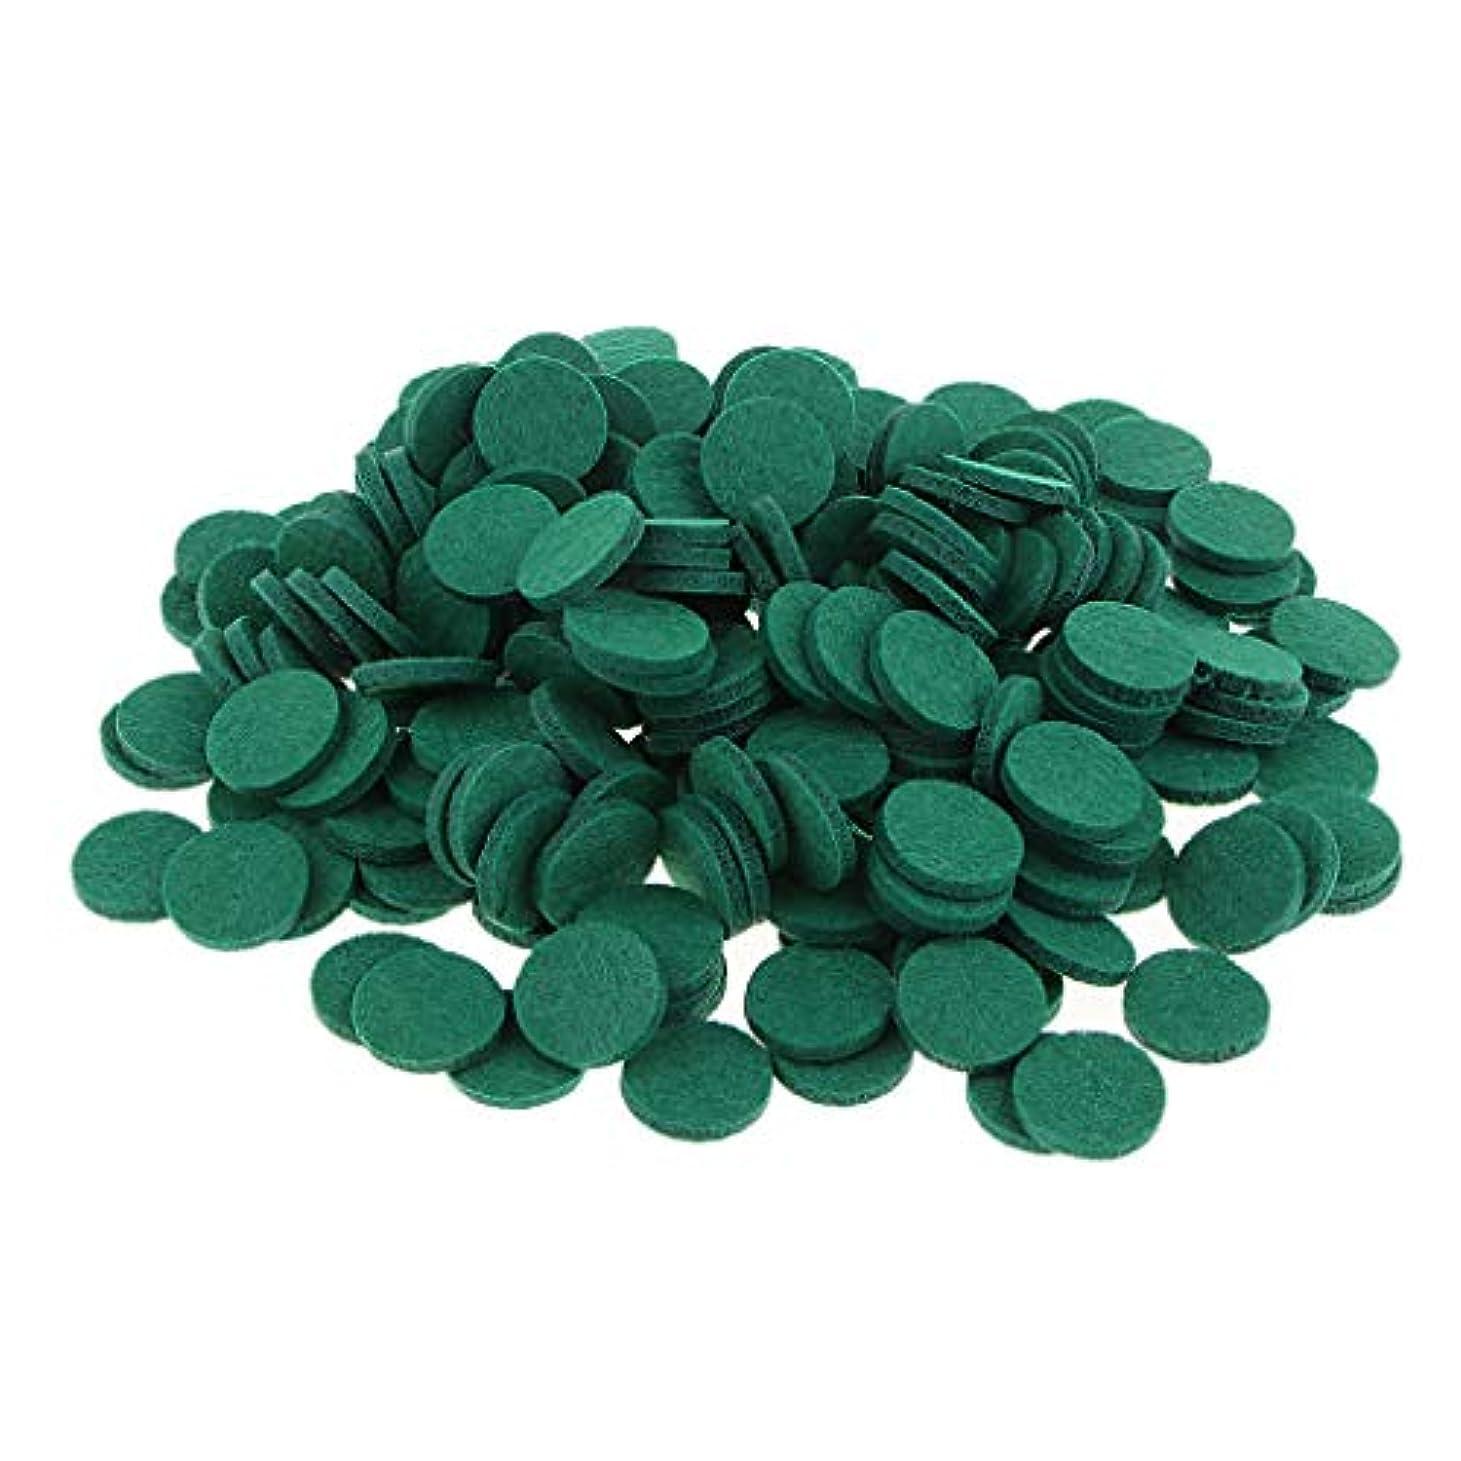 期待してテレマコス感じる約200個入り 詰め替えパッド 精油付き アロマディフューザー 交換用 オイルパッド 全11色 - 緑